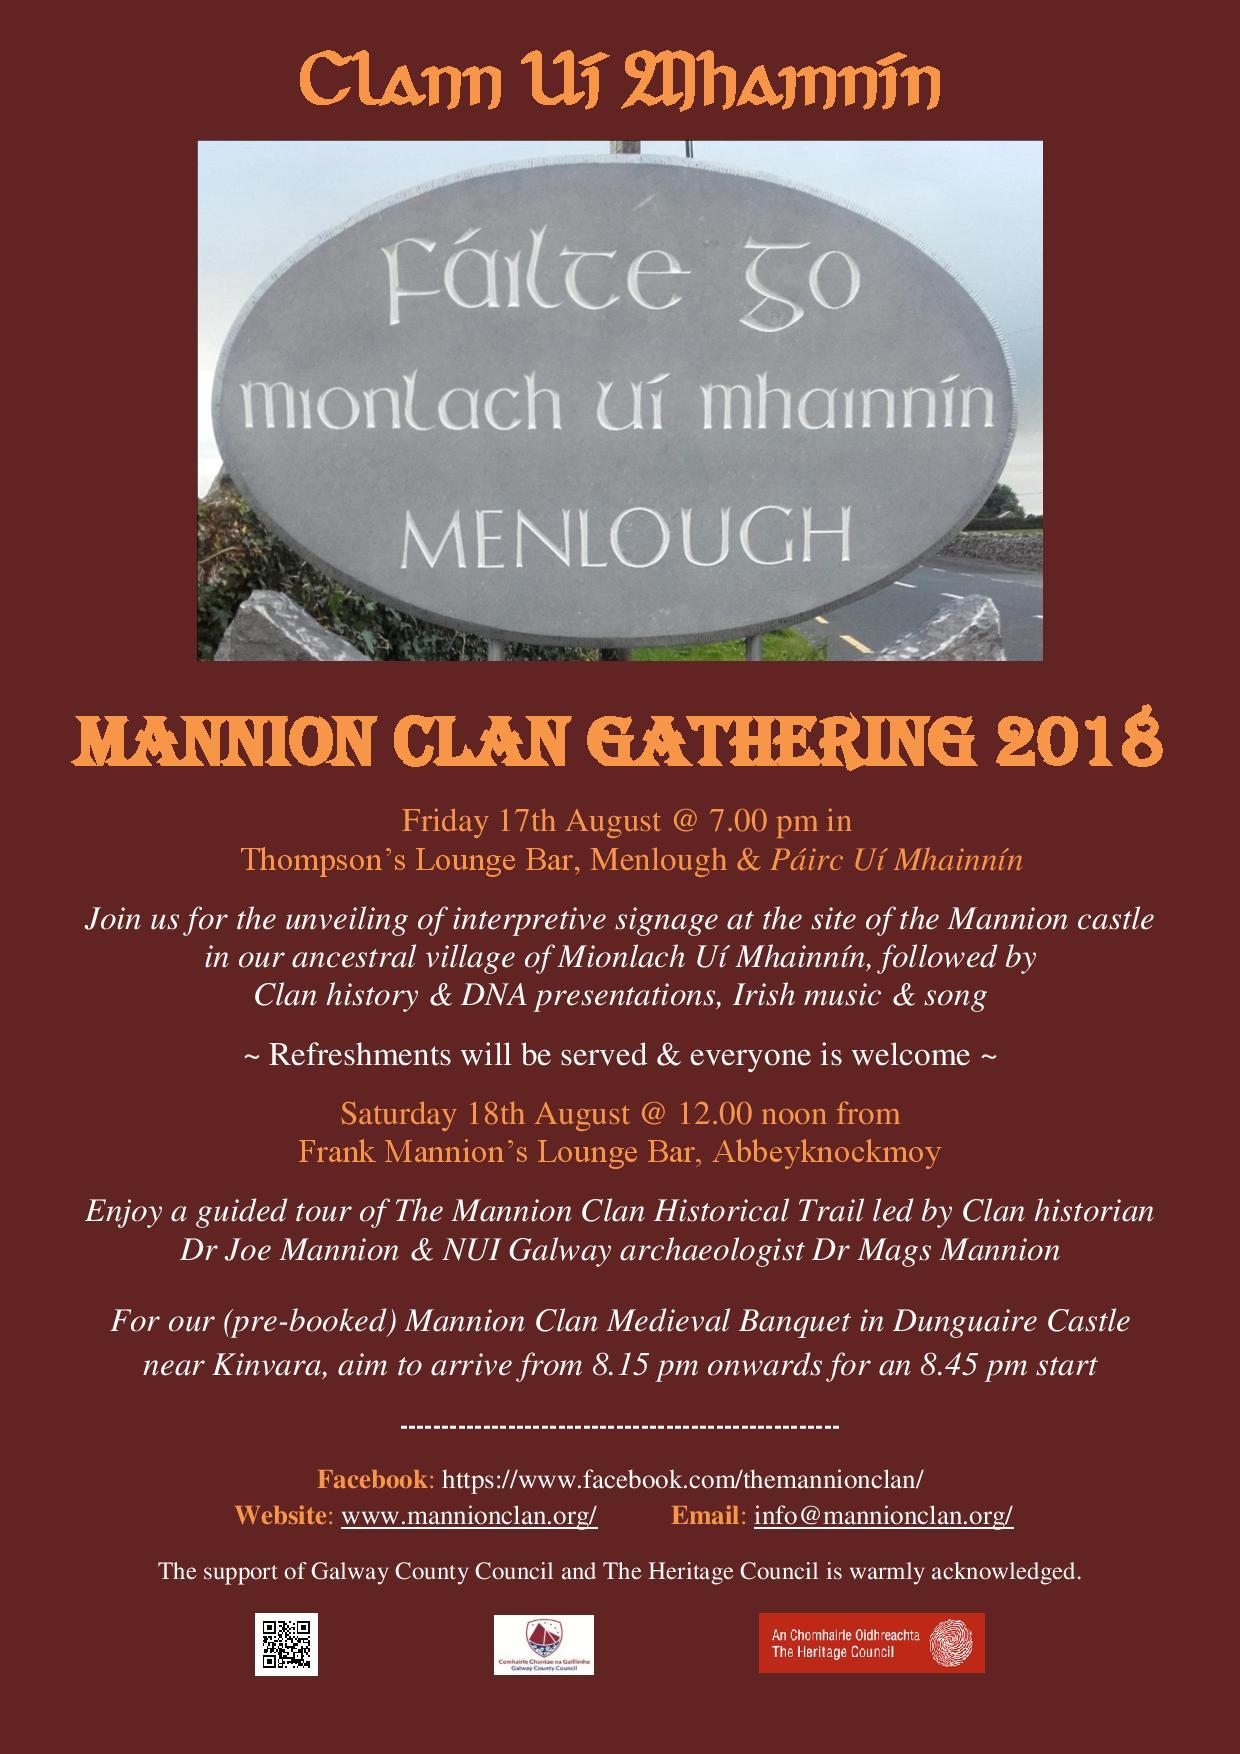 The Mannion Clan